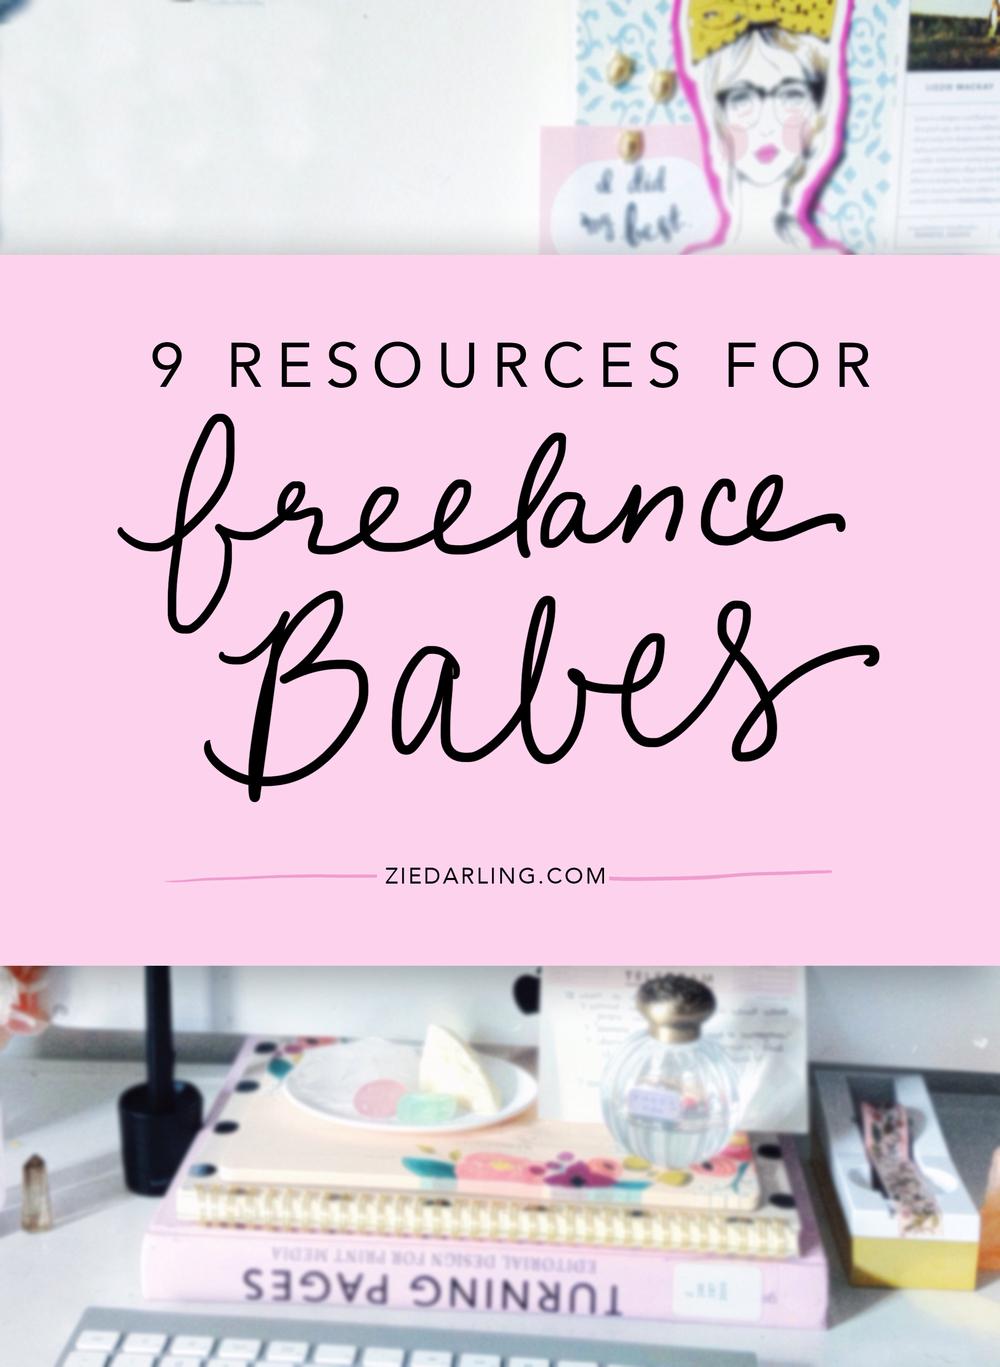 ziedarling.com | 9 resources for freelancers